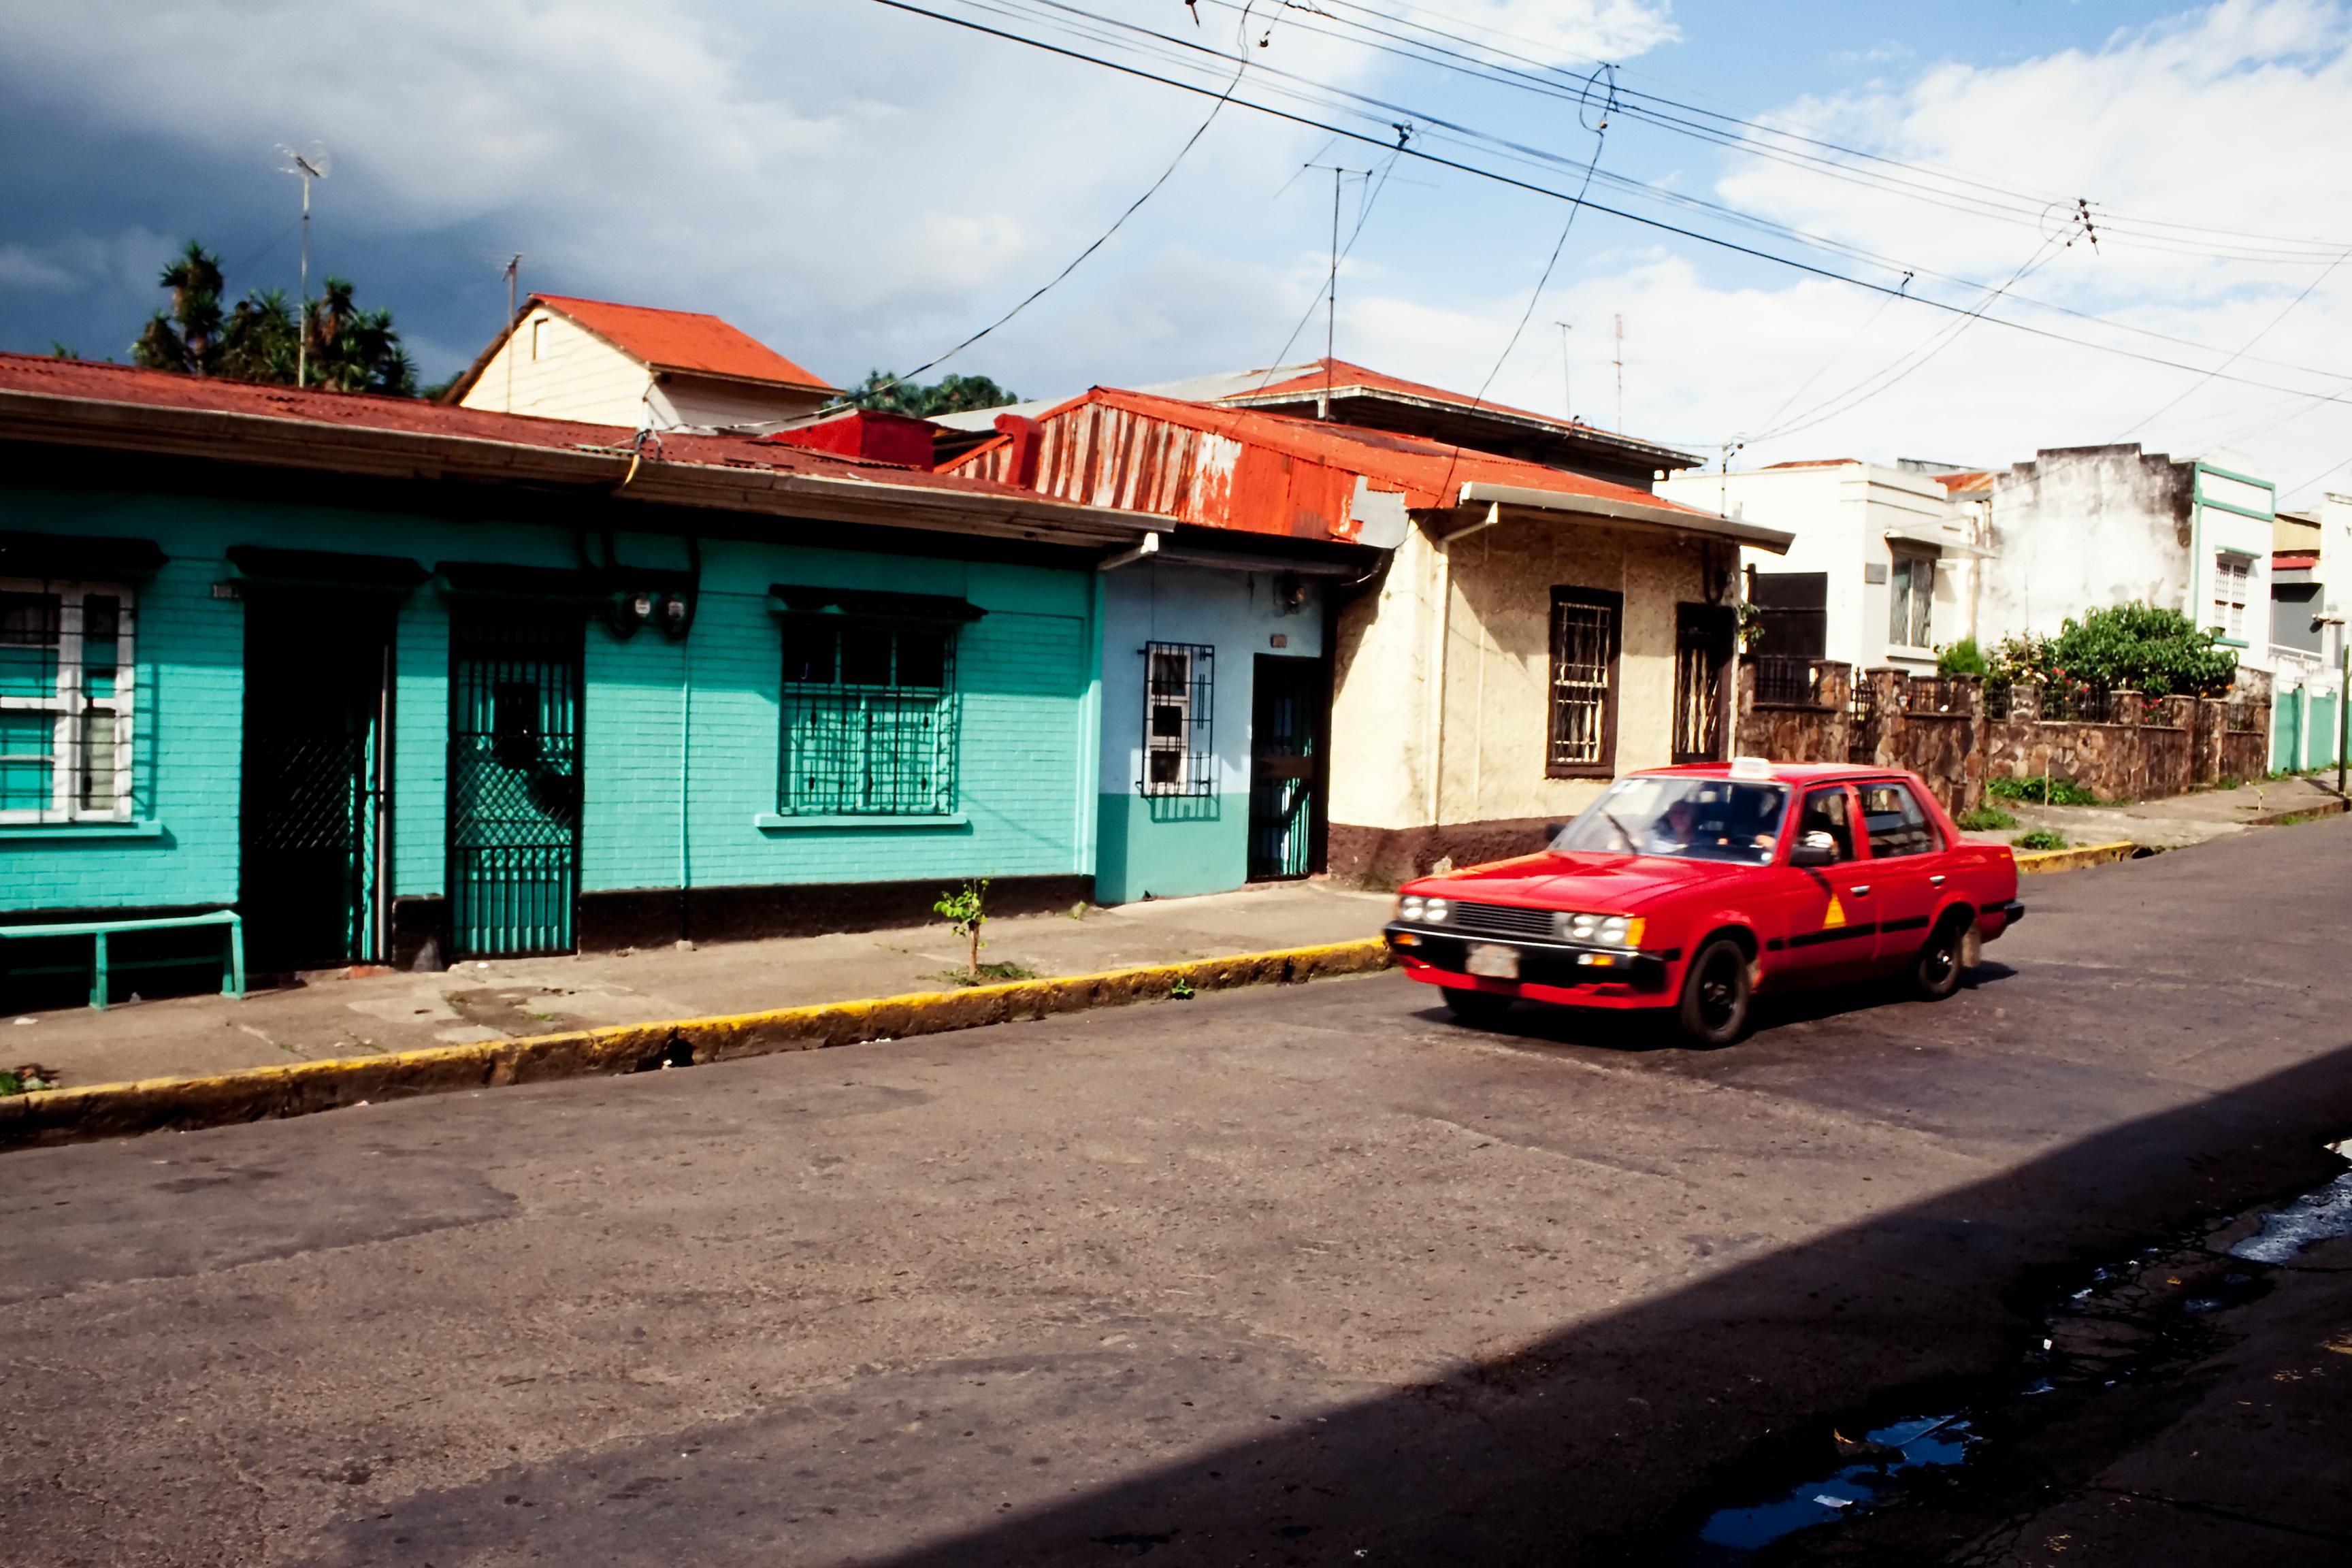 livingston street